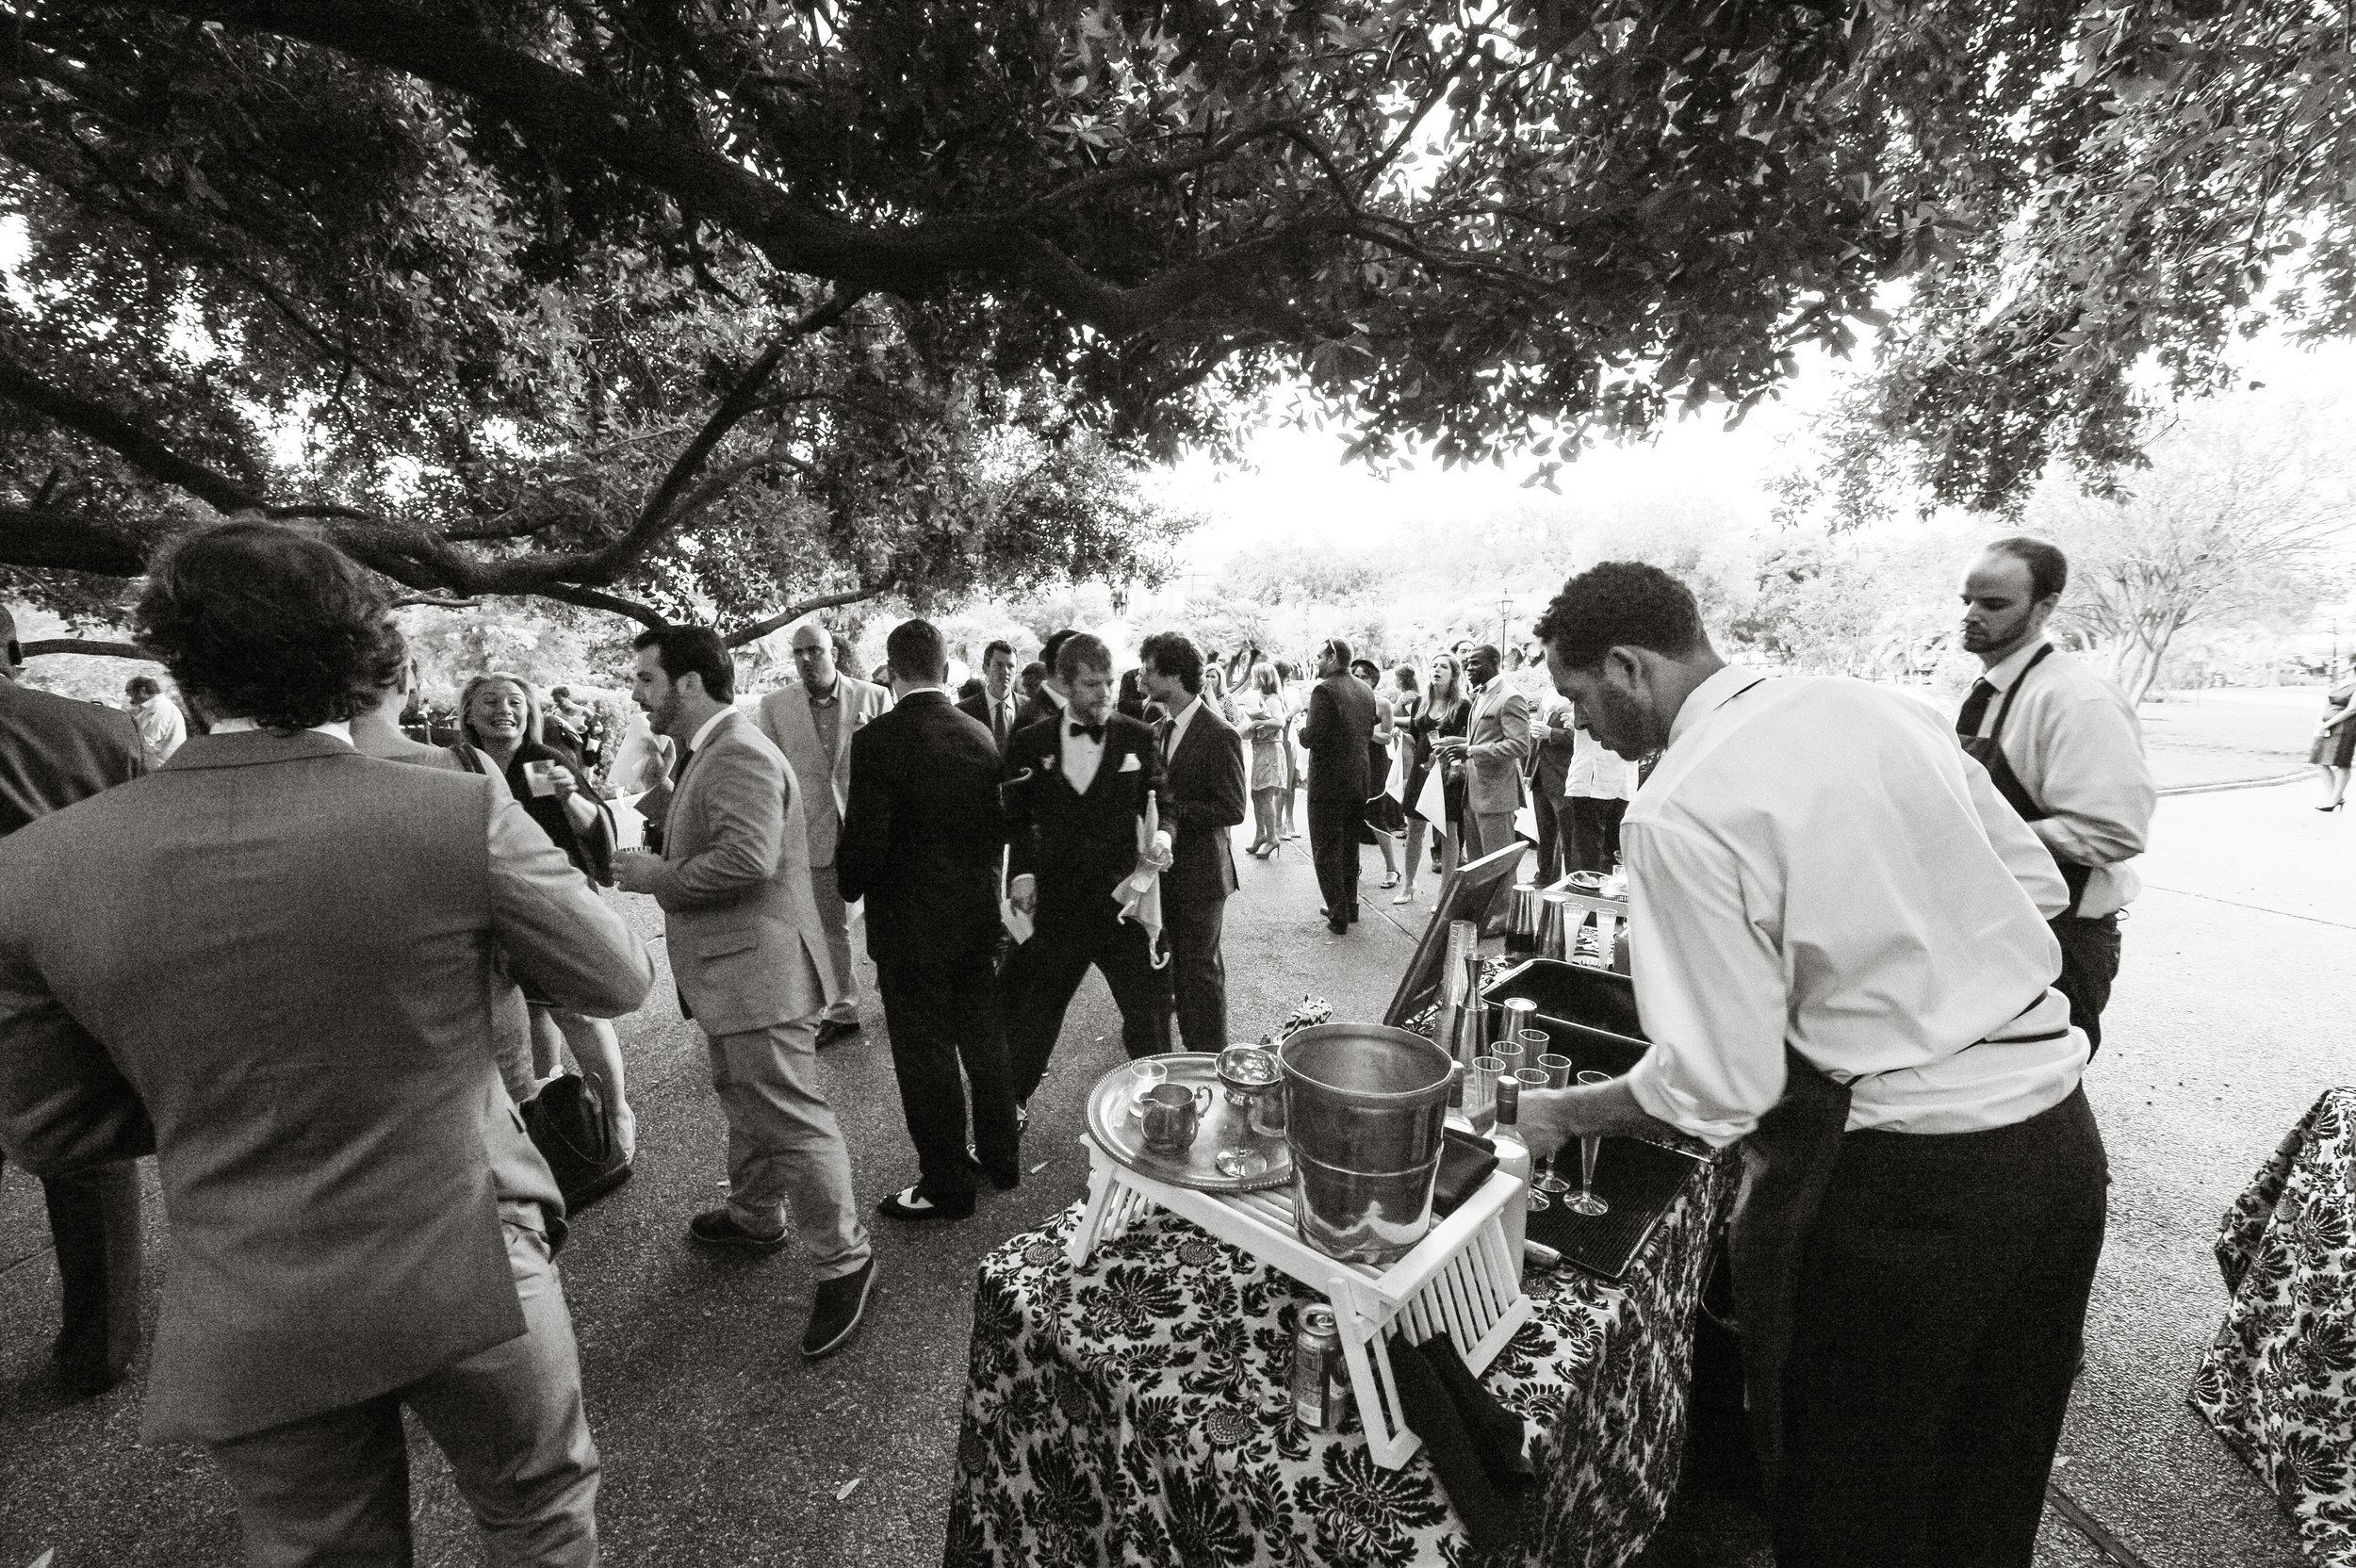 Jasmyn+James+Wedding+Day-0315.jpg